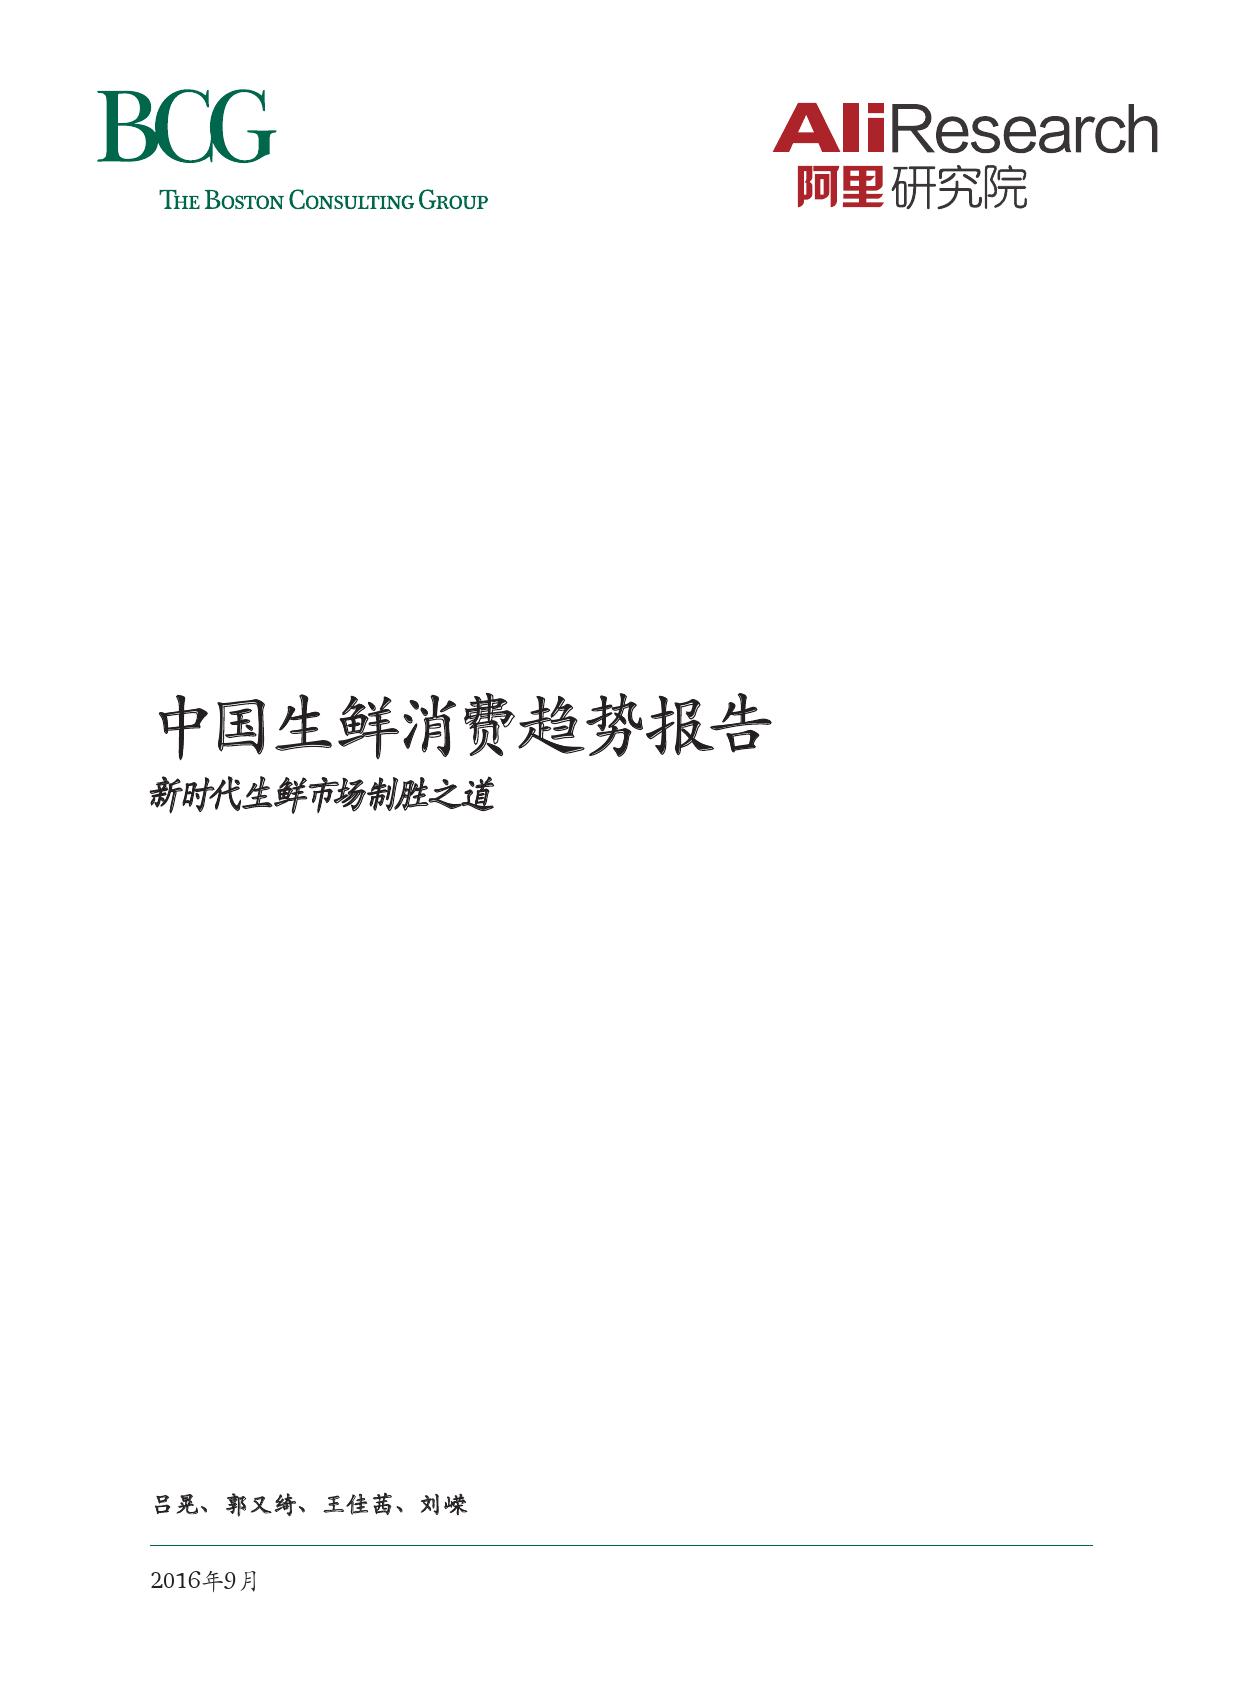 2016年中国生鲜消费趋势报告_000001